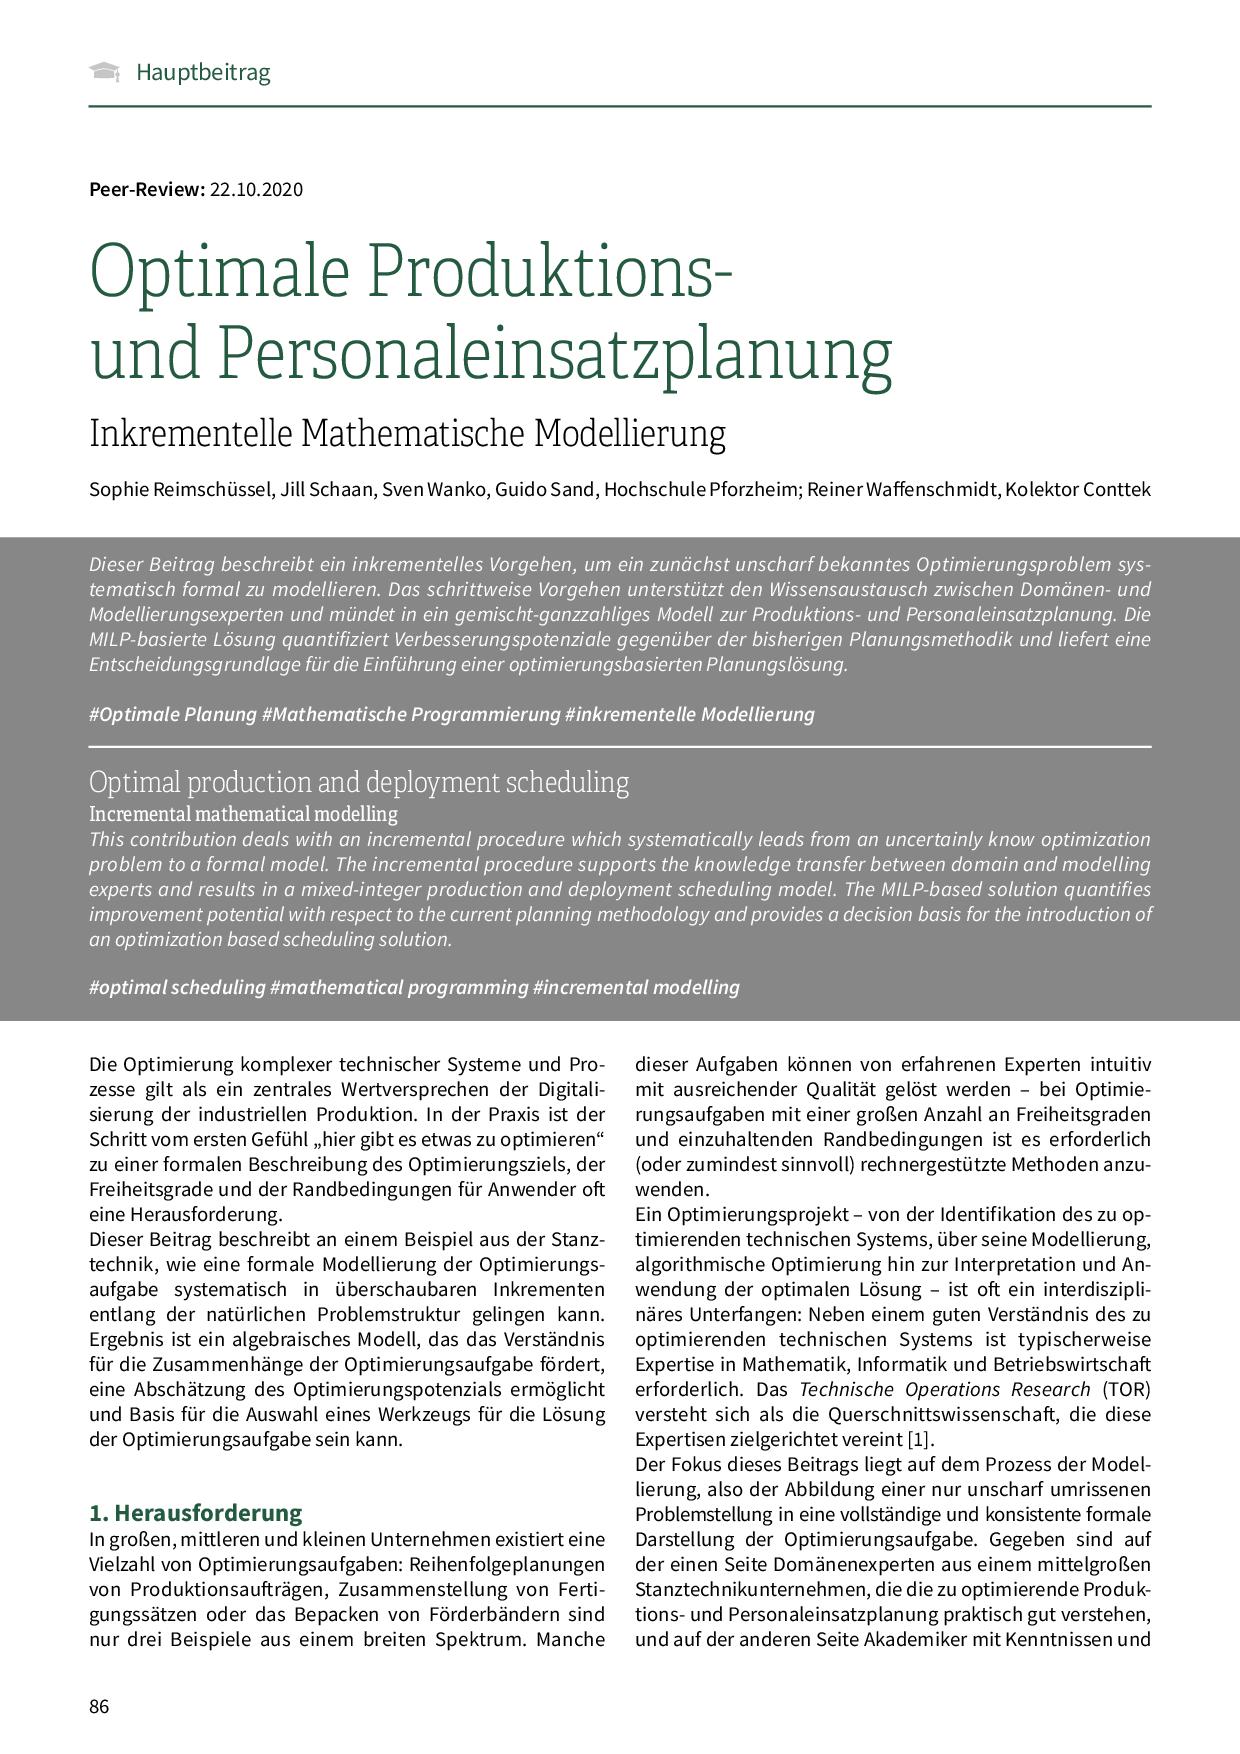 Optimale Produktions- und Personaleinsatzplanung